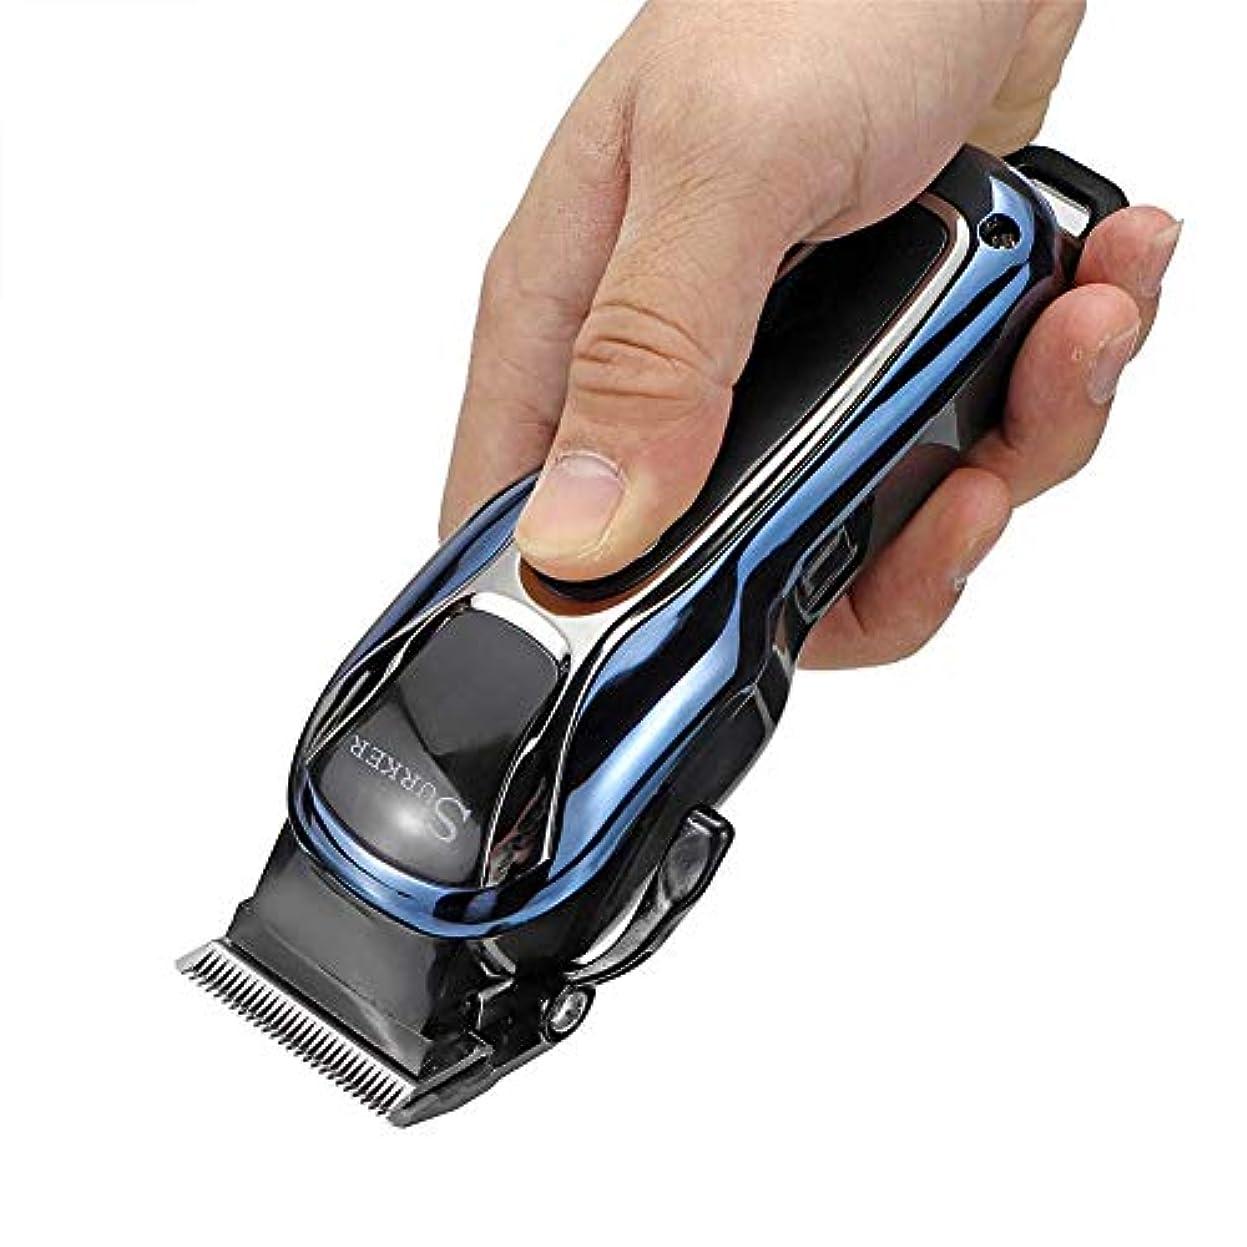 カプラー描く鏡バリカンプロフェッショナル液晶ヘアカッターヘアトリマー充電式メンズコードレス電気シェーバー髭剃りカミソリヘアカット機